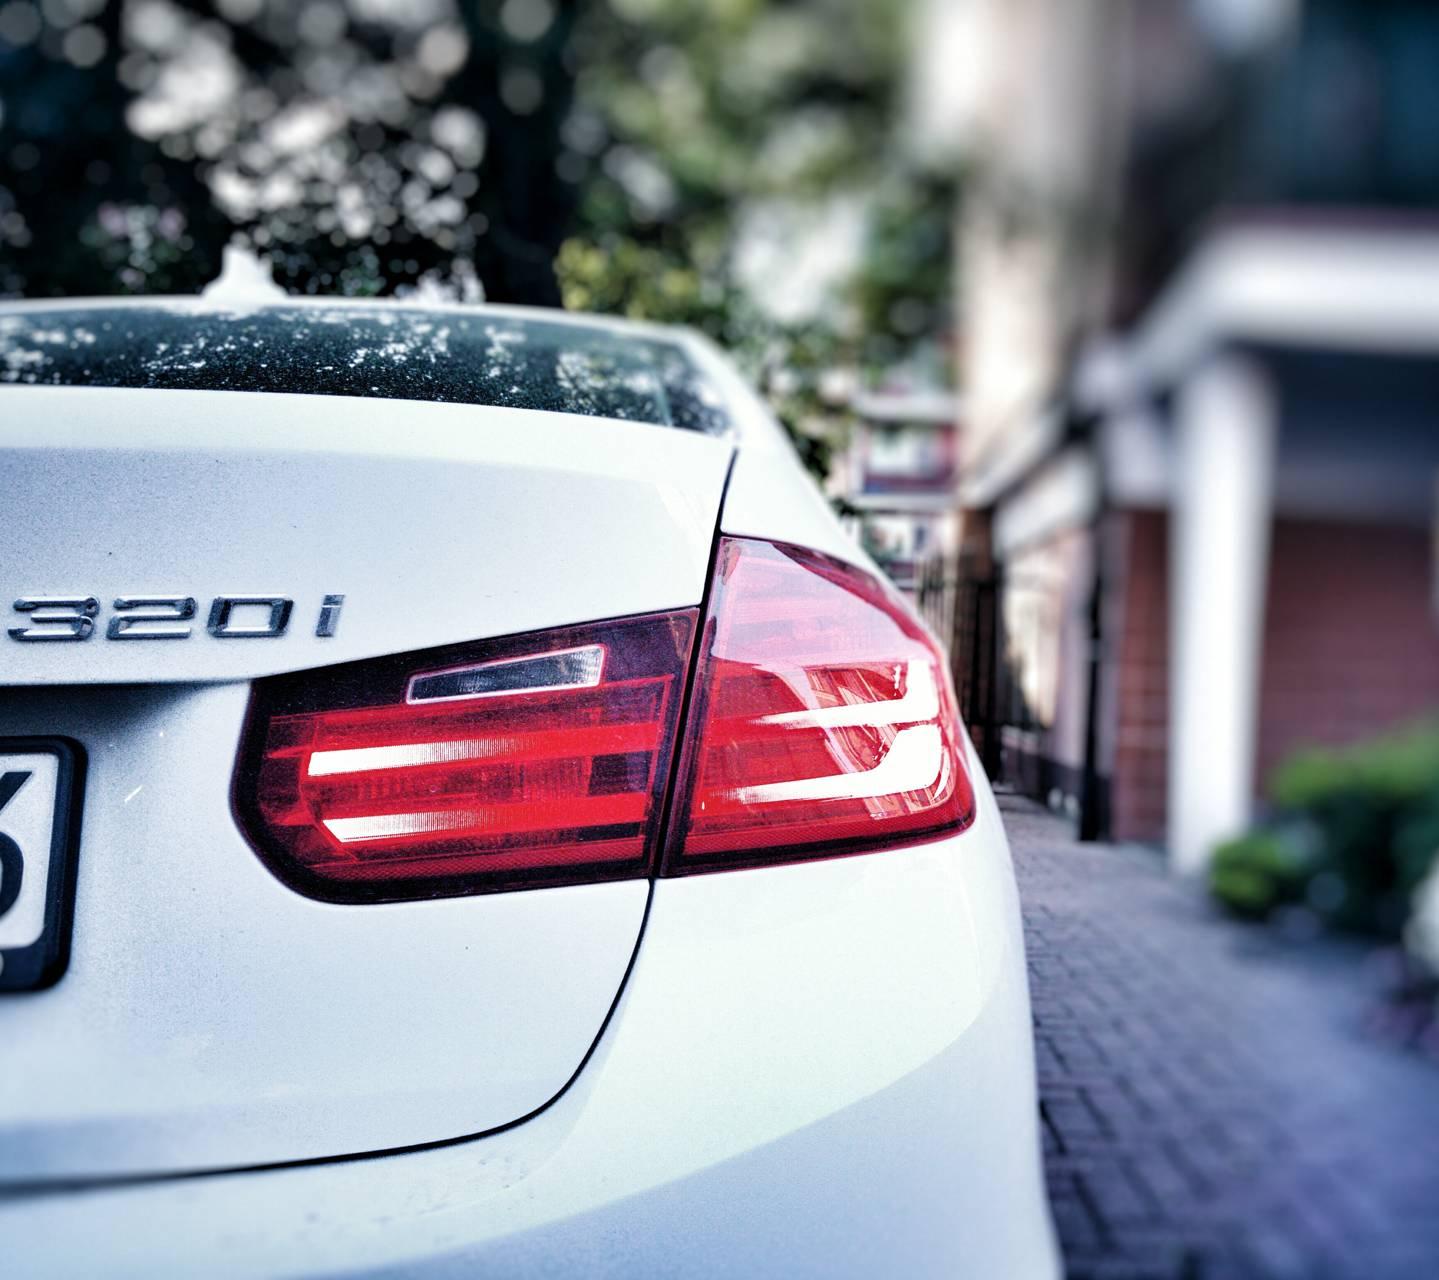 BMW 320i HD